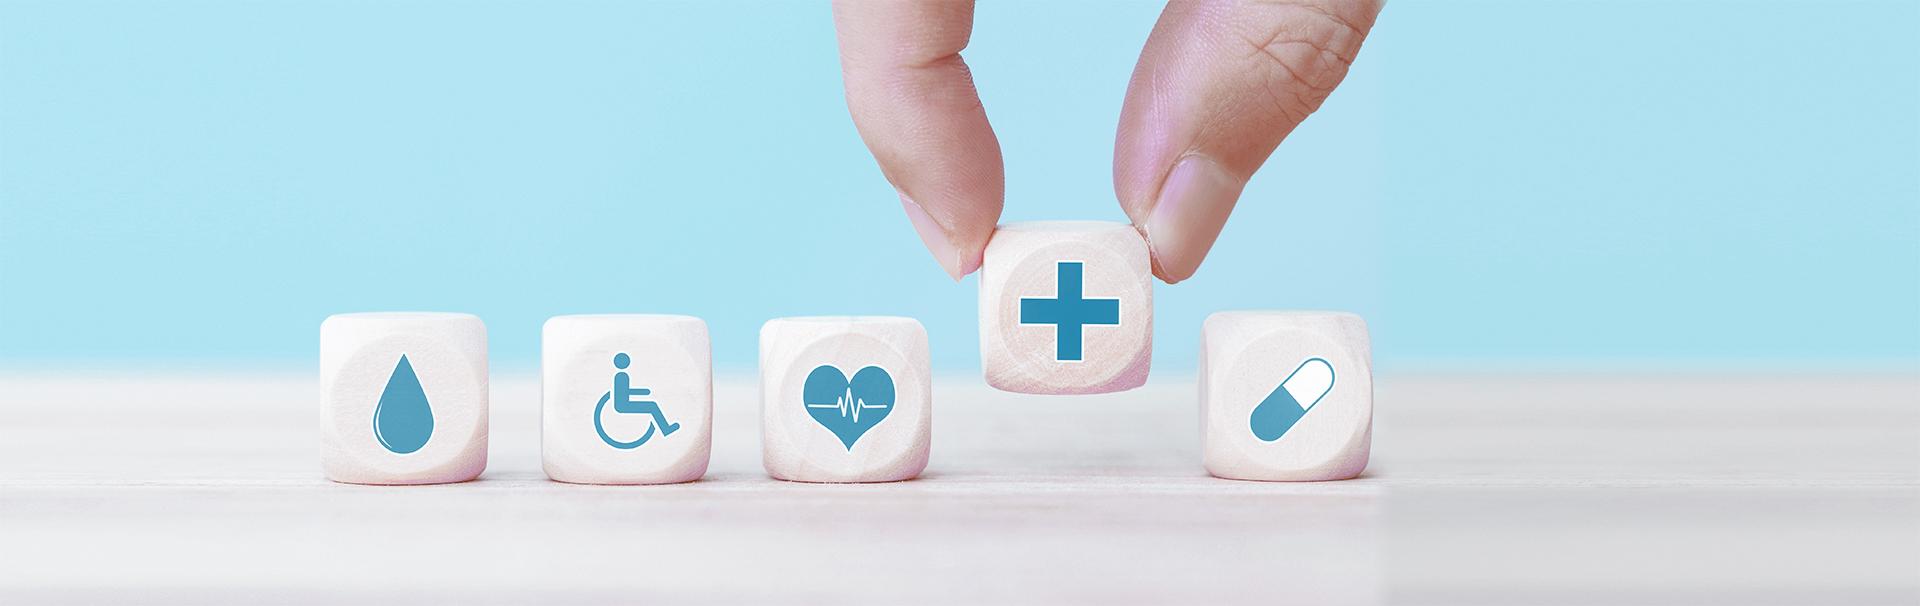 Droga w kierunku systemu ochrony zdrowia opartego na wartości